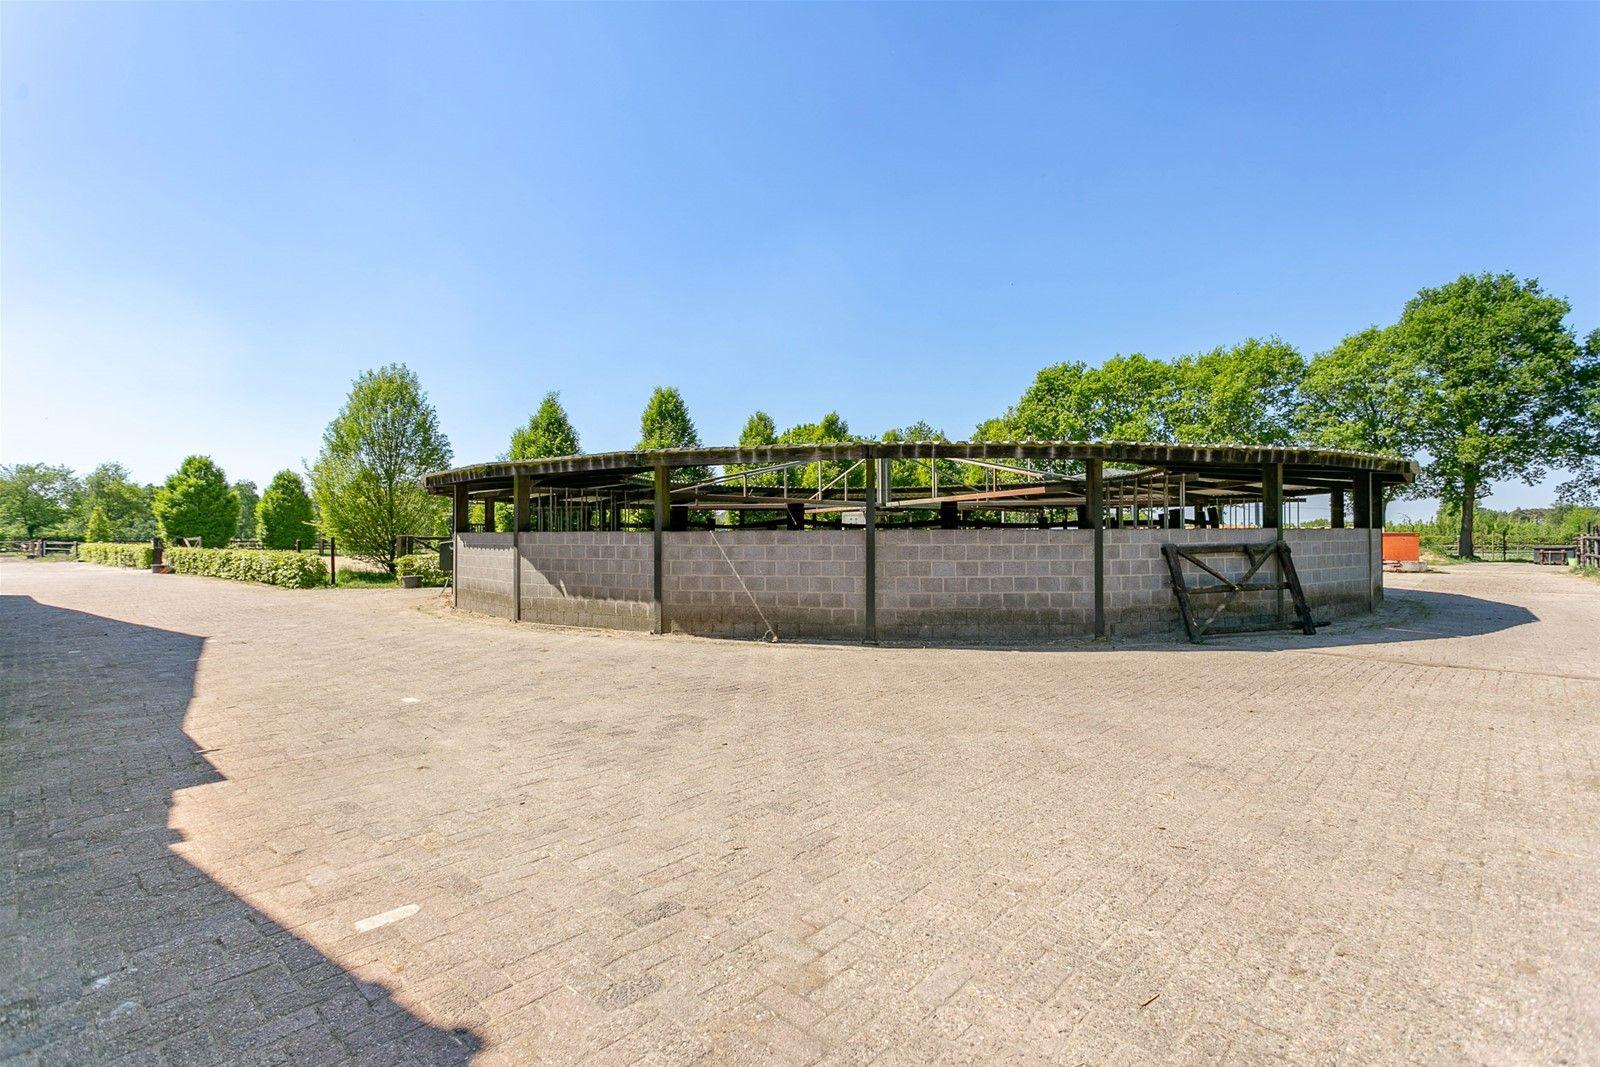 De vraagprijs voor de woning Oekelsebaan 47 te Zundert bedraagt €. 595.000,00 k.k. De woning betreft een bedrijfswoning behorende tot de paardenhouderij ter plaatse. De woning kan niet los worden verkocht van het aangrenzend perceel met daarop staande de bedrijfsgebouwen van de paardenhouderij. De vraagprijs van het gehele object, te weten het woonhuis en het aangrenzend perceel met de aanwezige bedrijfsgebouwen bedraagt €. 1.290.000,00 k.k. De totale oppervlakte van dit geheel betreft 1.75.65 ha.   Deze fraai afgewerkte vrijstaande woning met paarden faciliteiten is zeer rustig gelegen in het buitengebied van Zundert. Het huis perceel bedraagt 1.700 m² en beschikt over een royale woonkamer, open keuken, vijf slaapkamers en een luxe badkamer met douche en jacuzzi. De achtertuinis verzorgd aangelegd met een gazon, terras, vijver, hardstenen tegels en gedeeltelijk overdekte zithoek.   BEGANE GROND (de gehele begane grond is voorzien van vloerverwarming) Hal/voorentree met toegang tot de woonkamer, bijkeuken, toiletruimte, kelder en vaste trap naar de eerste verdieping. Afwerking- Tegelvloer, stucwerk wanden en stucwerk plafond met sierlijst en spotverlichting. Meterkast- 10 groepen, 3 aardlekschakelaars.  Achterentree met toegang tot de hal/voorentree met dubbele wastafel en ruime inbouwkast.   Afwerking- Tegelvloer, wandtegels met daarboven stucwerk en stucwerk plafond.  Toiletruimte met zwevend toilet en fonteintje. Afwerking- Tegelvloer, wandtegels met daarboven behang en stucwerk plafond.  Bijkeuken voorzien van cv-combiketel en de unit voor de vloerverwarming. Deze ruimte is praktisch  ingericht met veel bergruimte in vaste kasten en is voorzien van een wasmachine-en drogeraansluiting. Afwerking- Tegelvloer, wandtegels met daarboven stucwerk en stucwerk plafond.  De kelder is onder de trapruimte gesitueerd en is voorzien van schappen. Afwerking- Tegelvloer, wandtegels en stucwerk plafond.  Zeer ruime woonkamer met sfeervolle gashaard en twee openslaande tuindeure